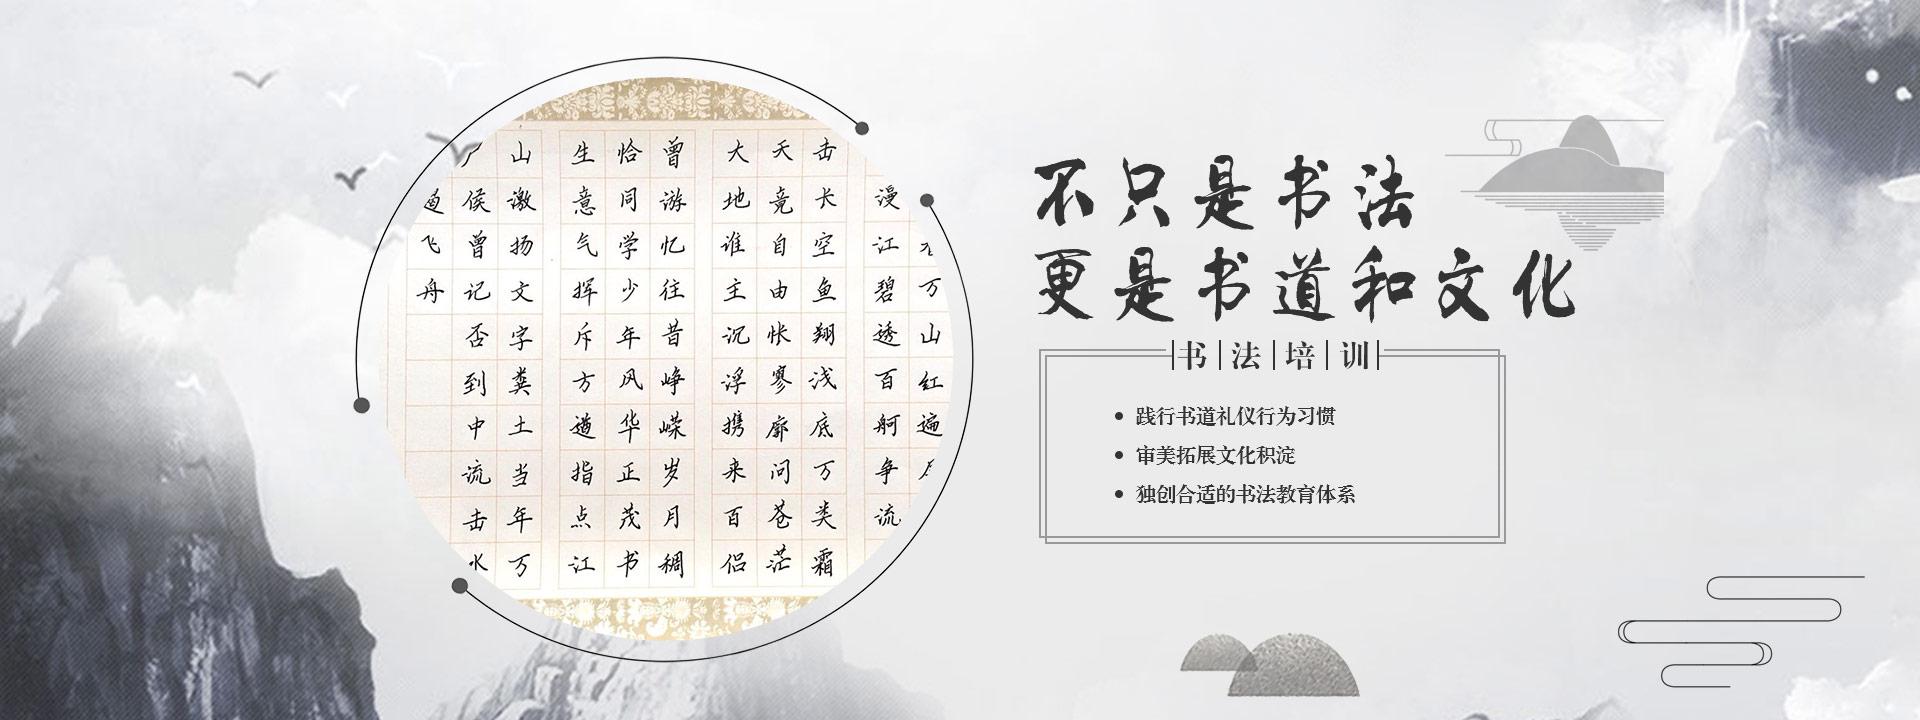 重庆毛笔书法培训